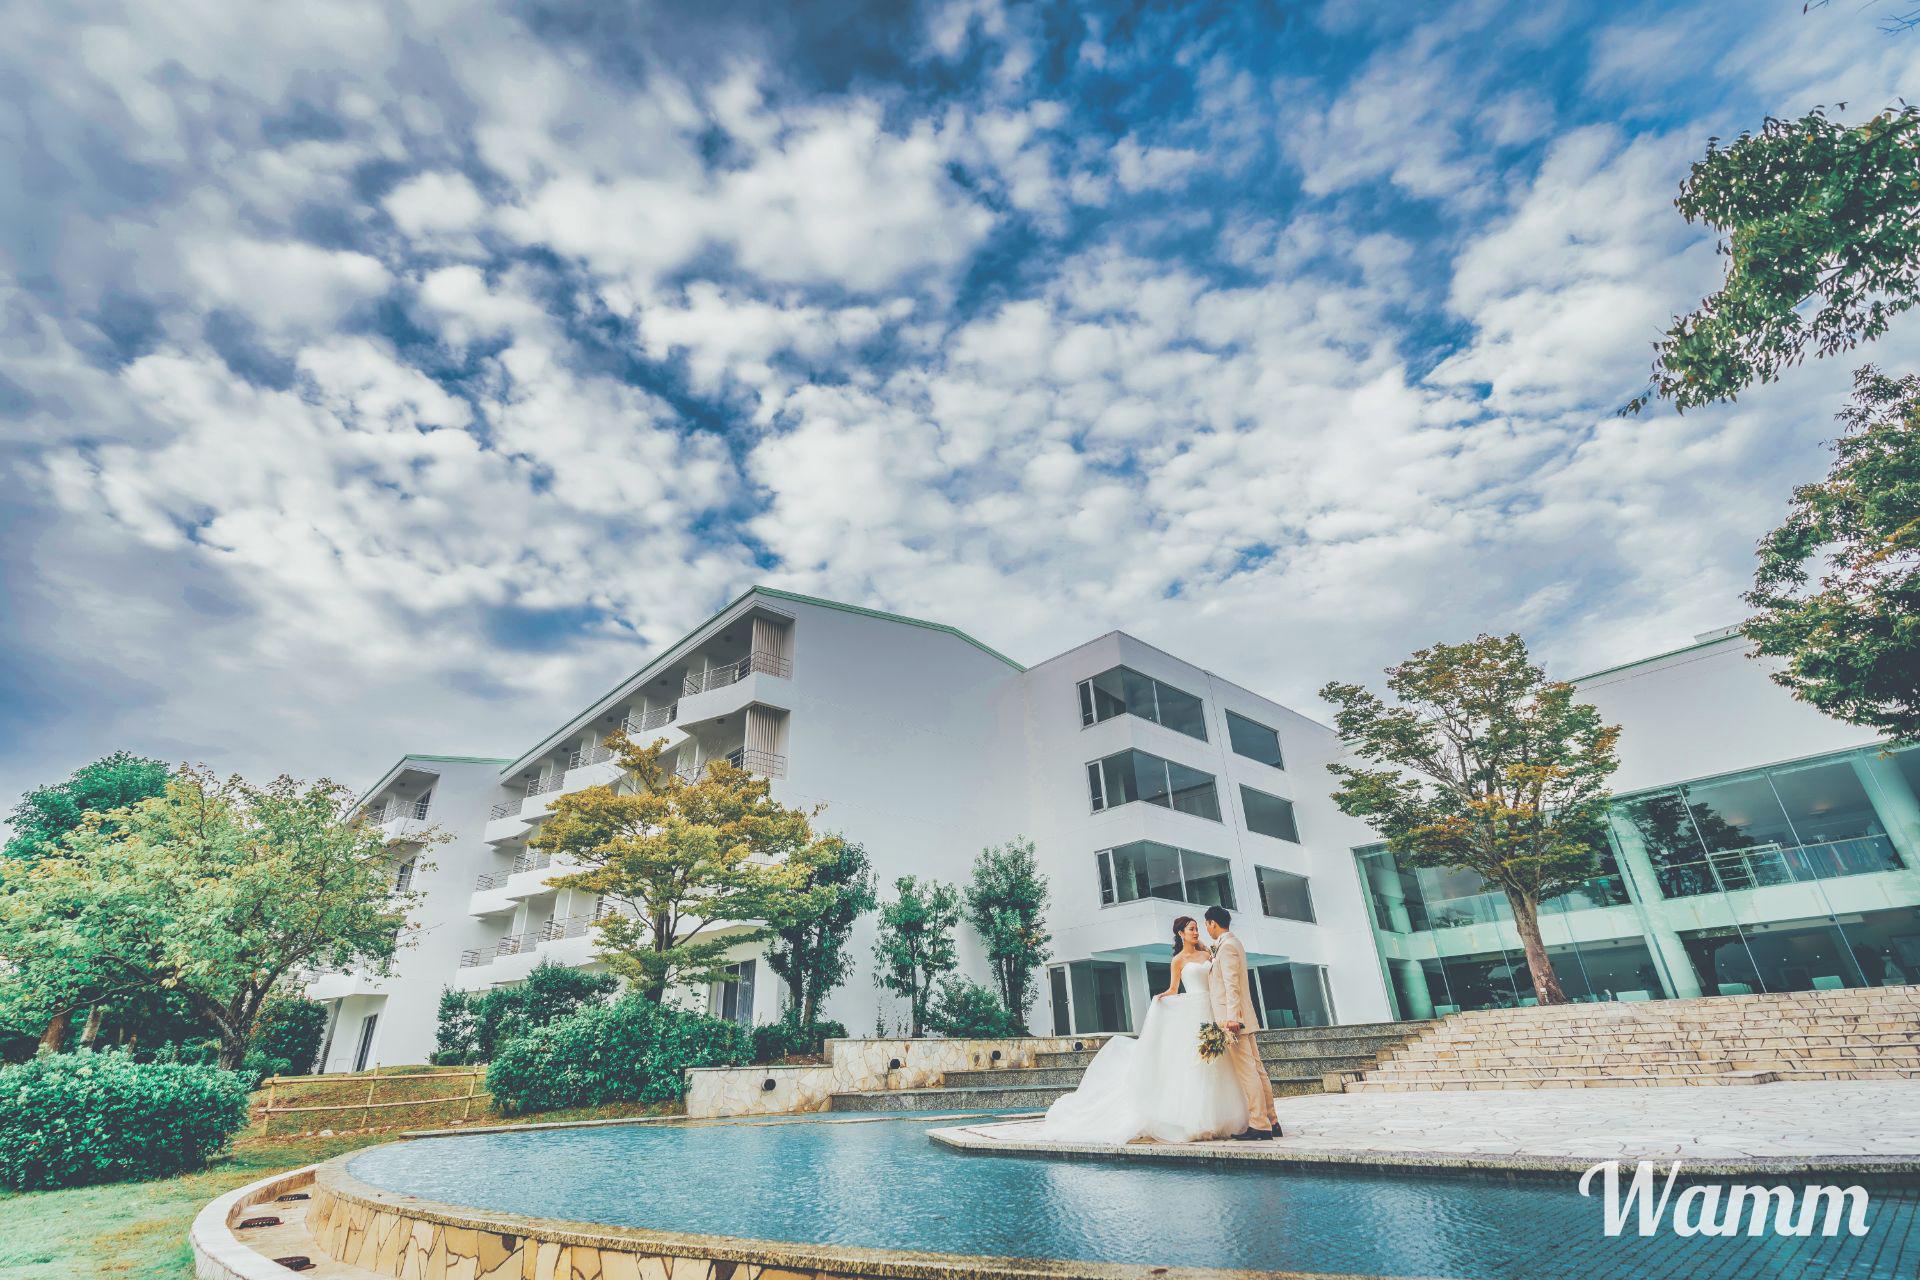 【浜松・東急ハーヴェストクラブ浜名湖】プール続きの湖面シーンが最高すぎるリゾートホテル!